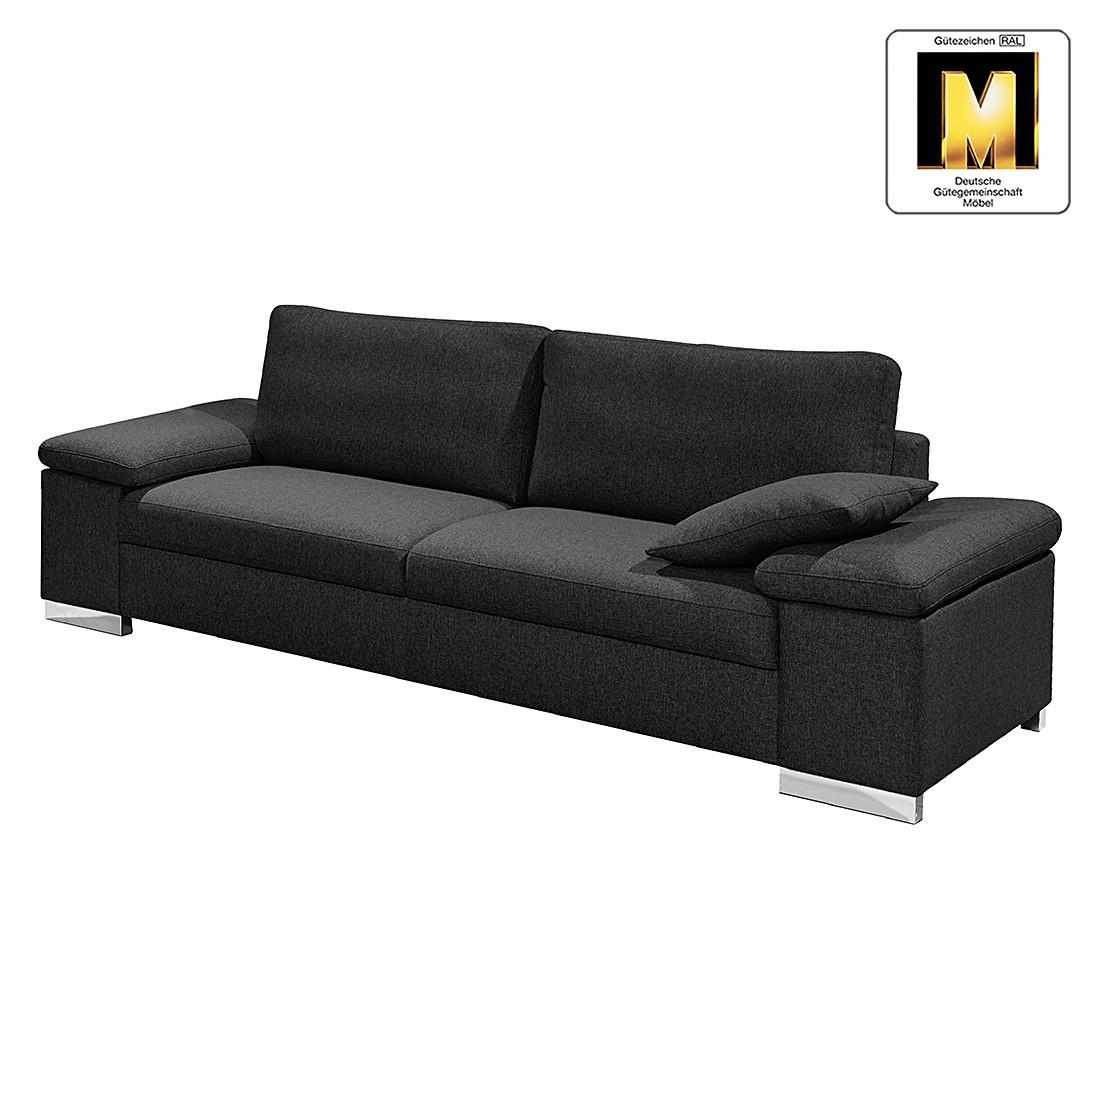 Sofa Casual Line V (3-Sitzer) – Strukturstoff – Anthrazit, Claas Claasen kaufen